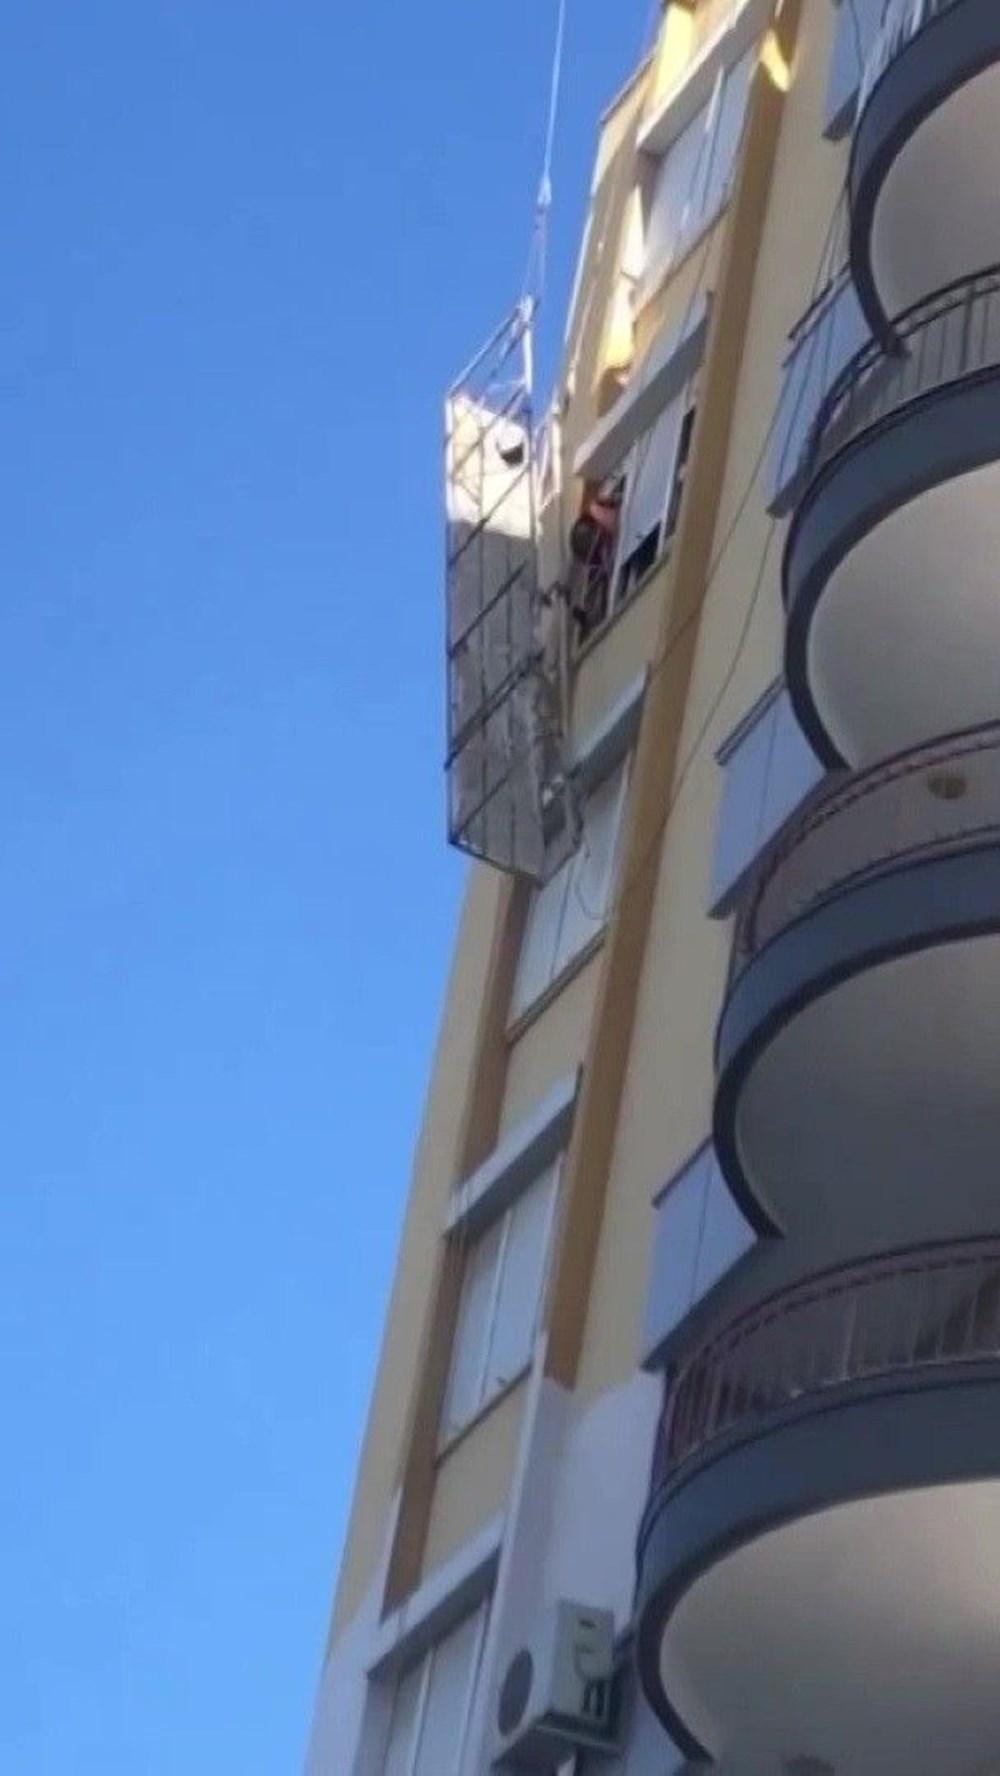 8'inci katta ölümle burun buruna - 3